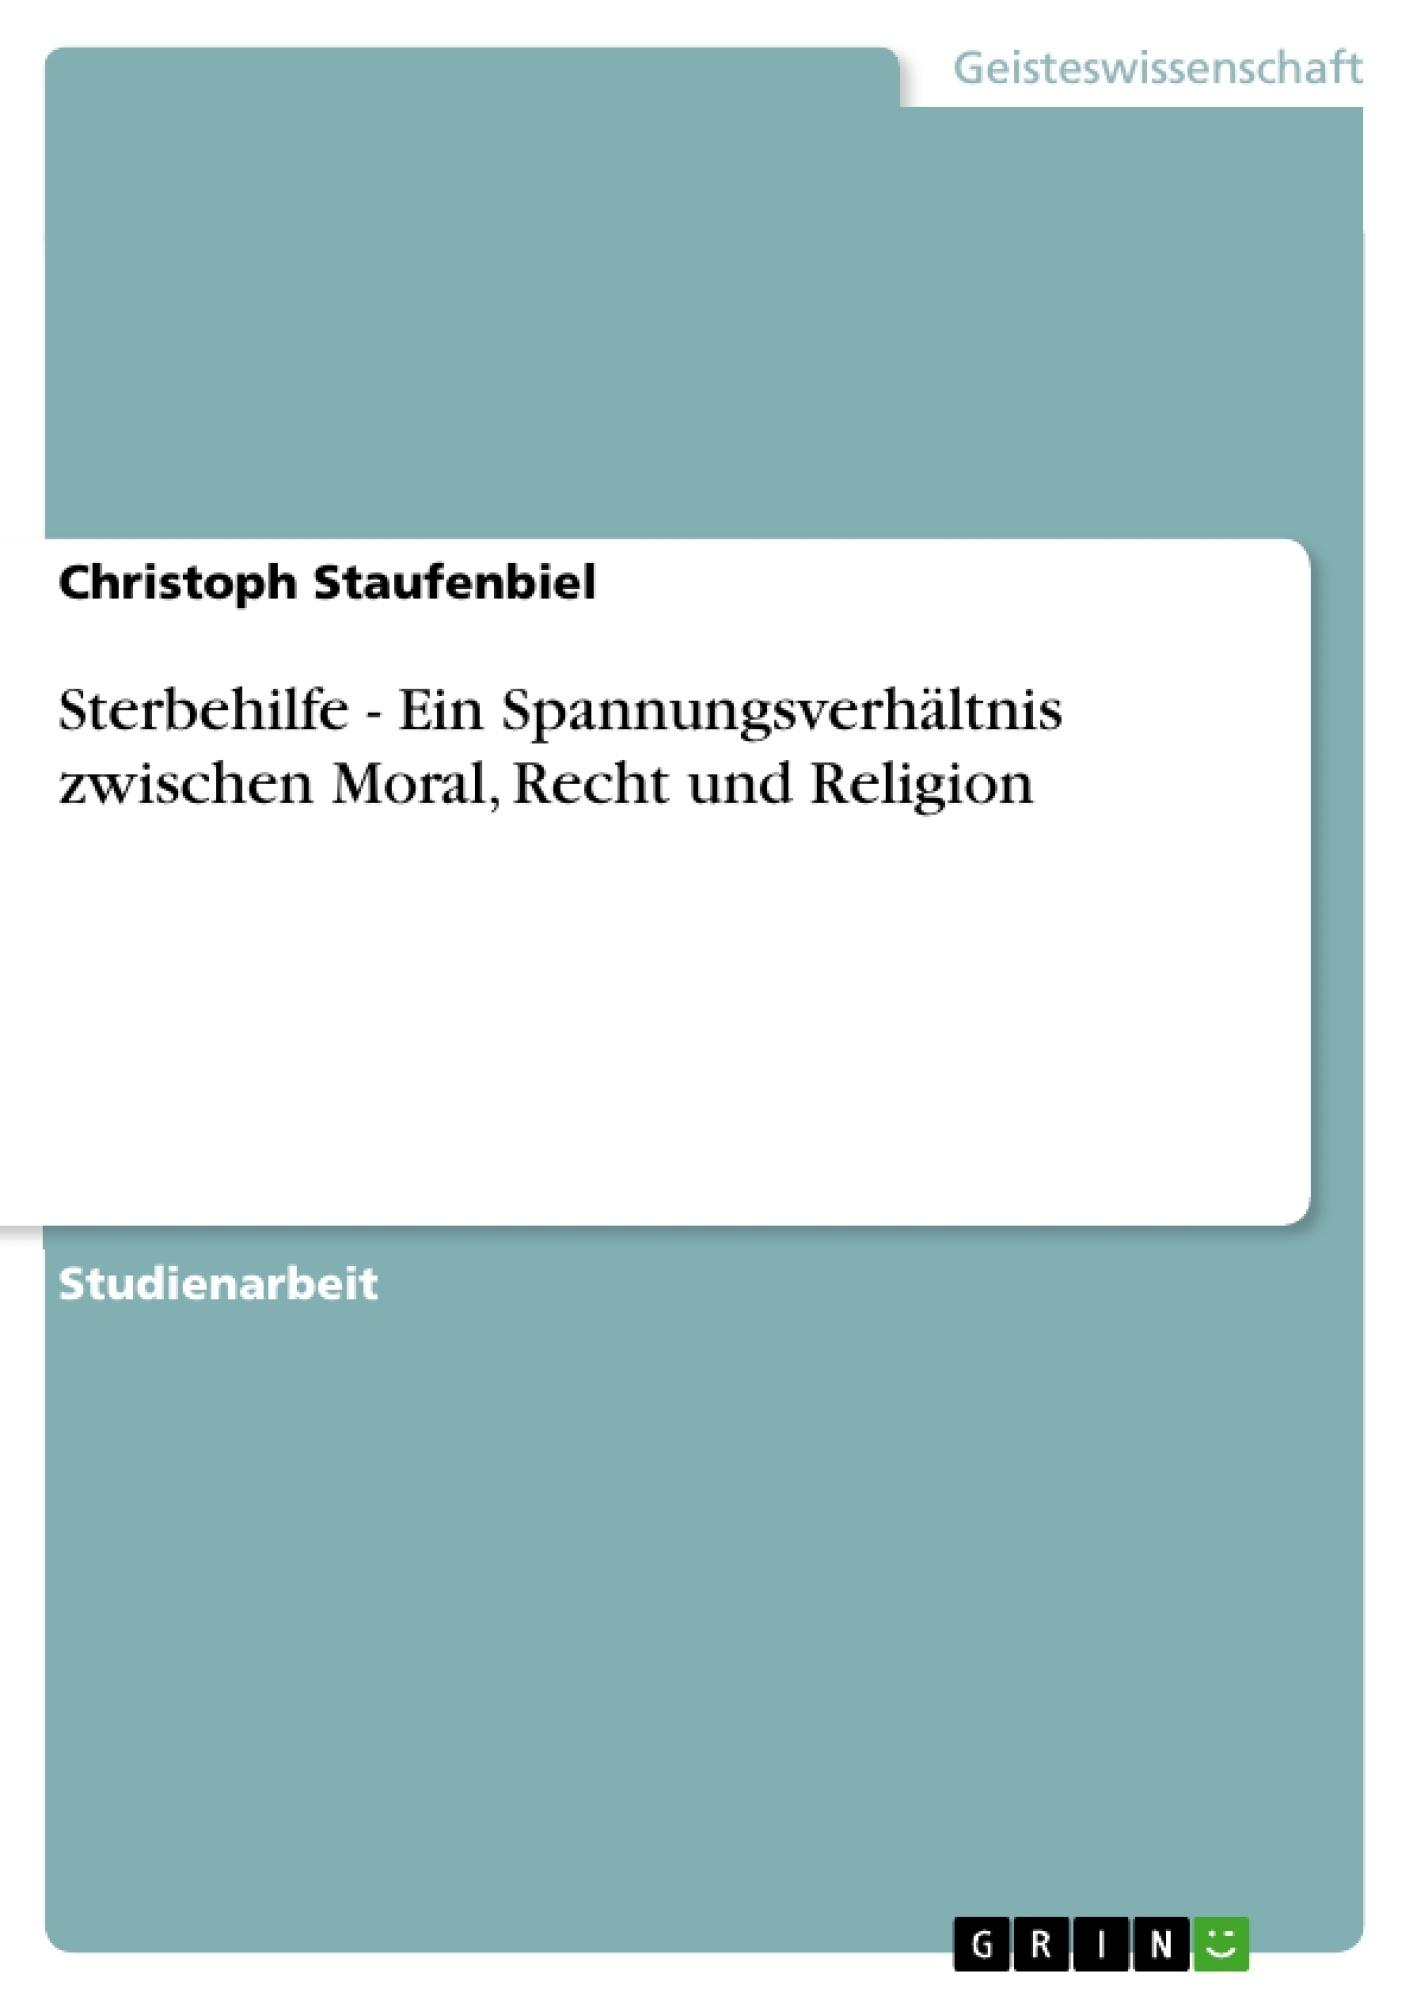 Titel: Sterbehilfe - Ein Spannungsverhältnis zwischen Moral, Recht und Religion